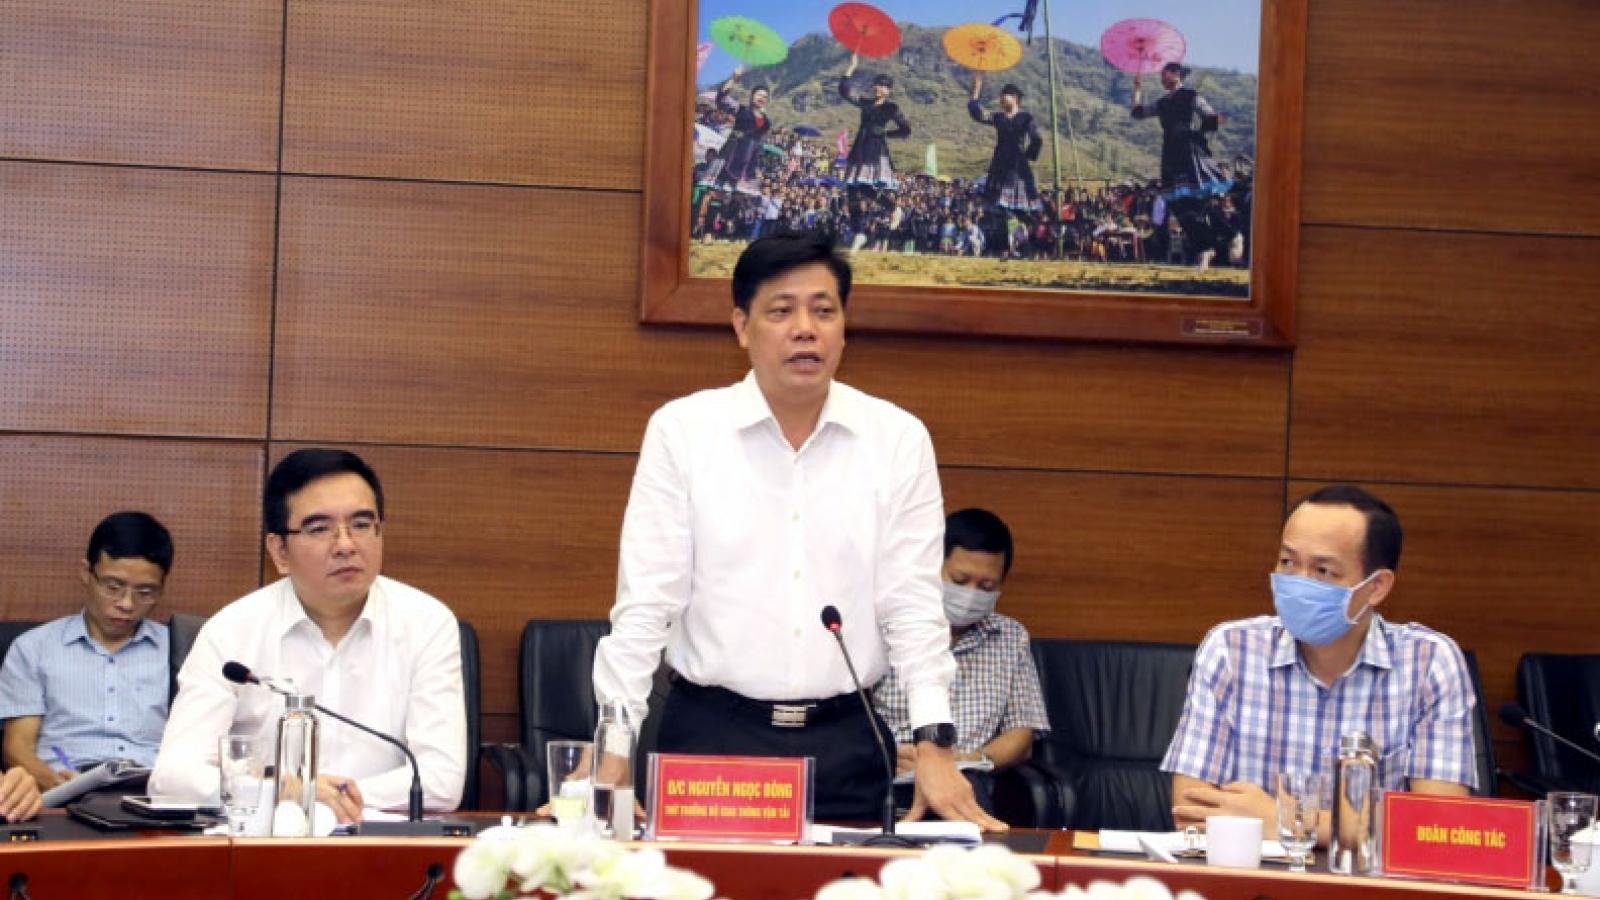 Phương án nào cho đầu tư đường sắt đấu nối Lào Cai – Hà Khẩu (Trung Quốc)?